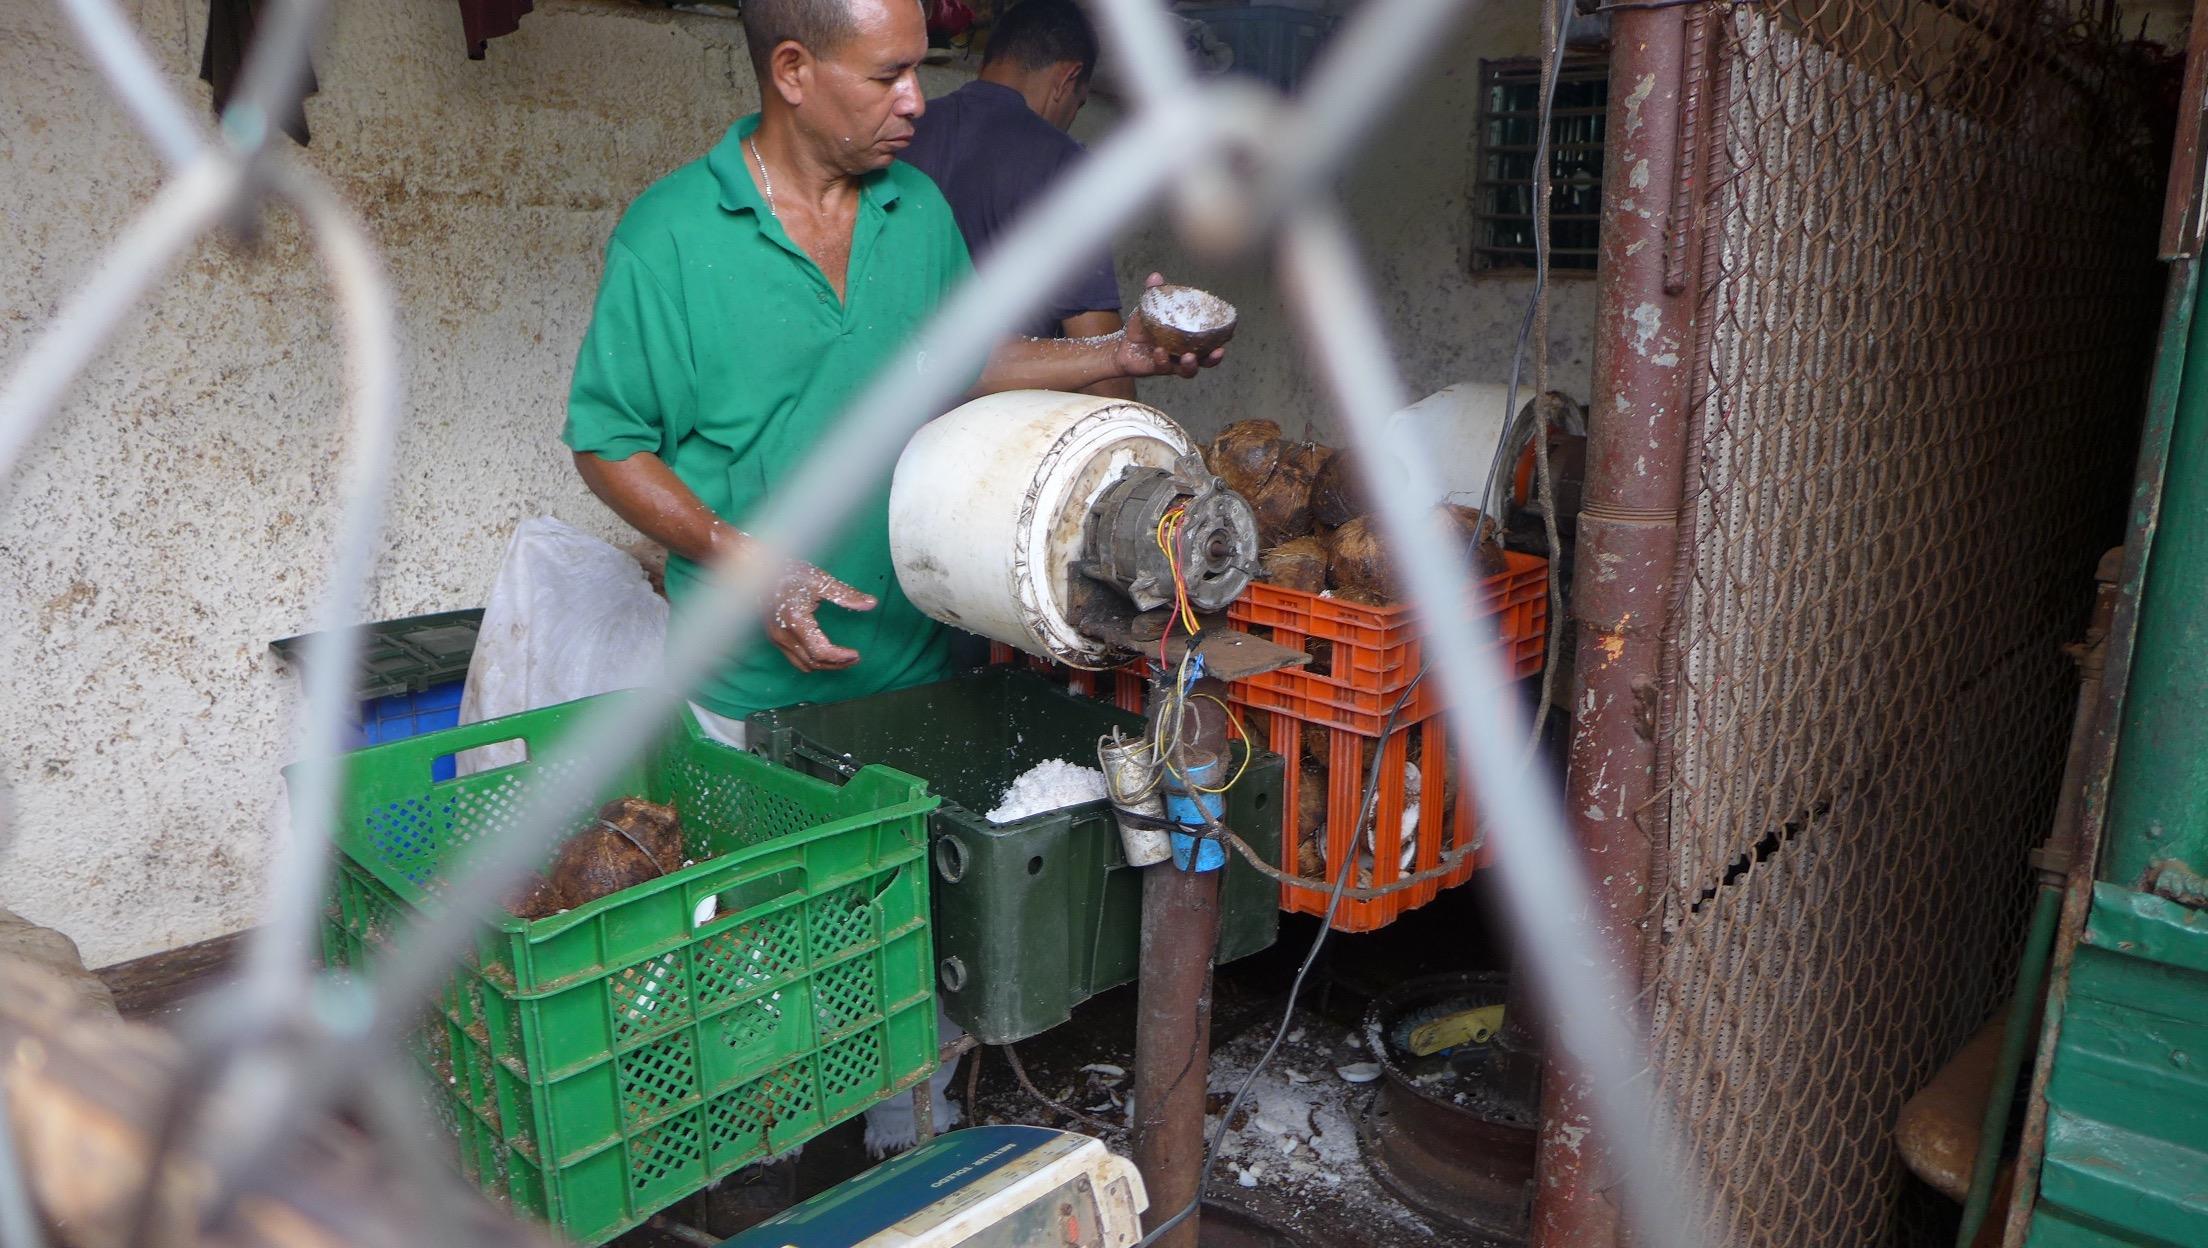 Maquina de rallar coco hecha con motor de lavarropa sovietico